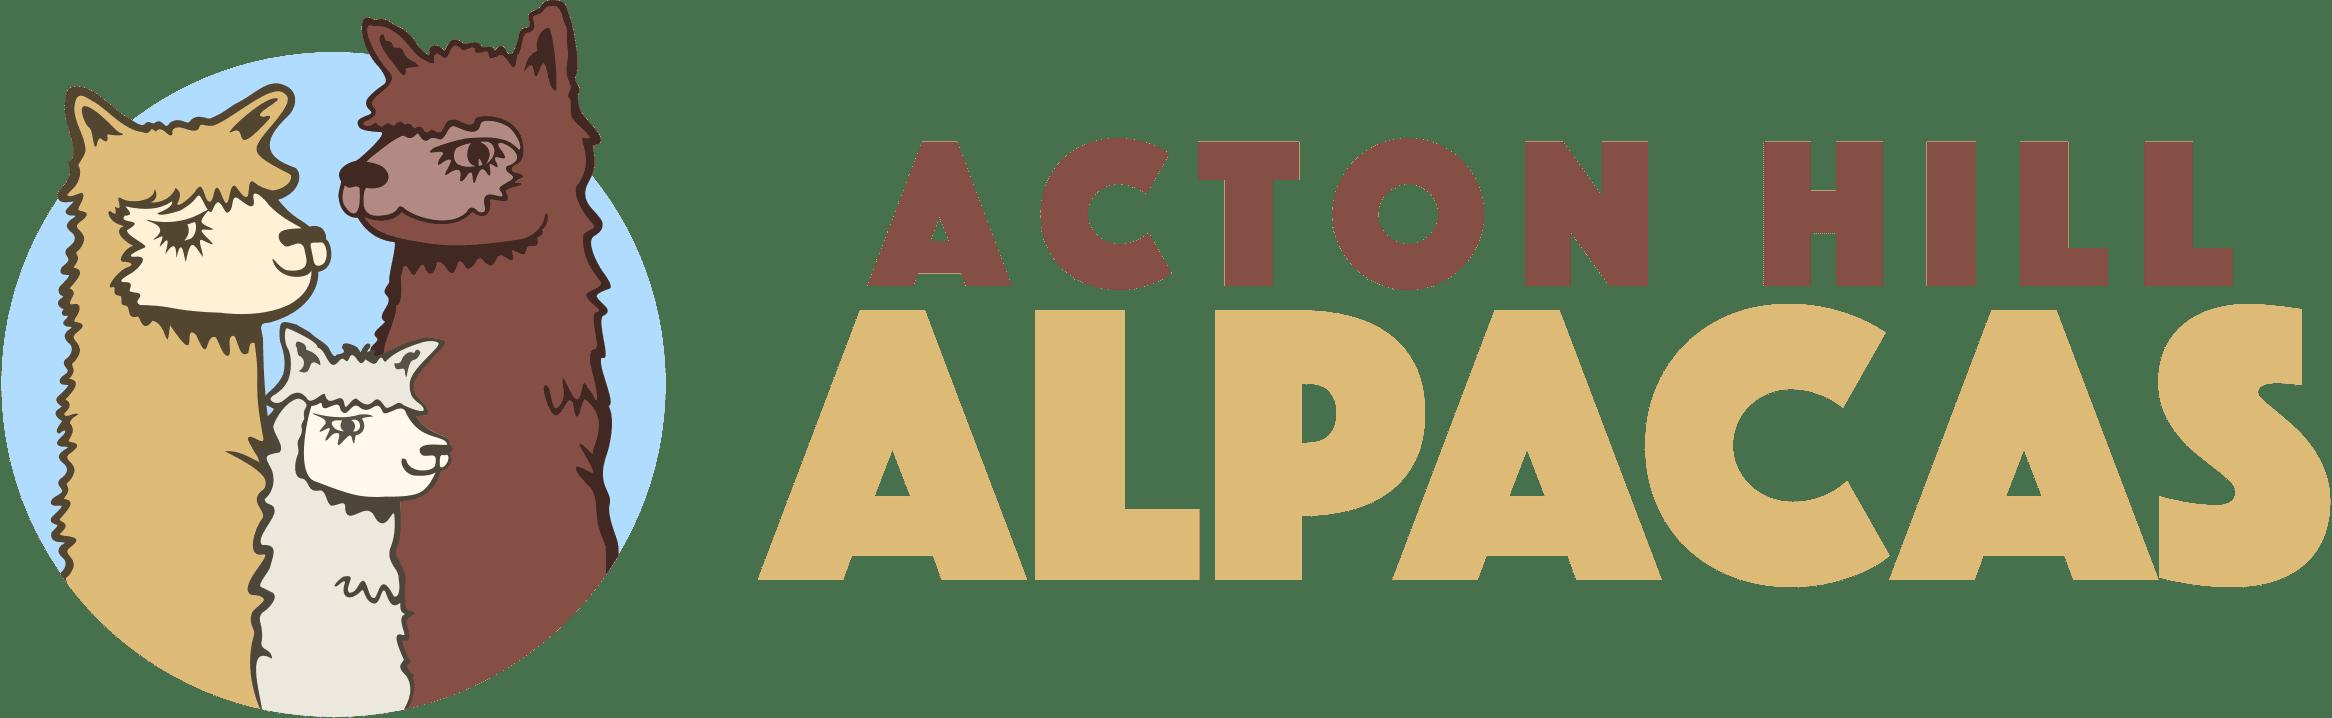 Acton Hill Alpacas logo